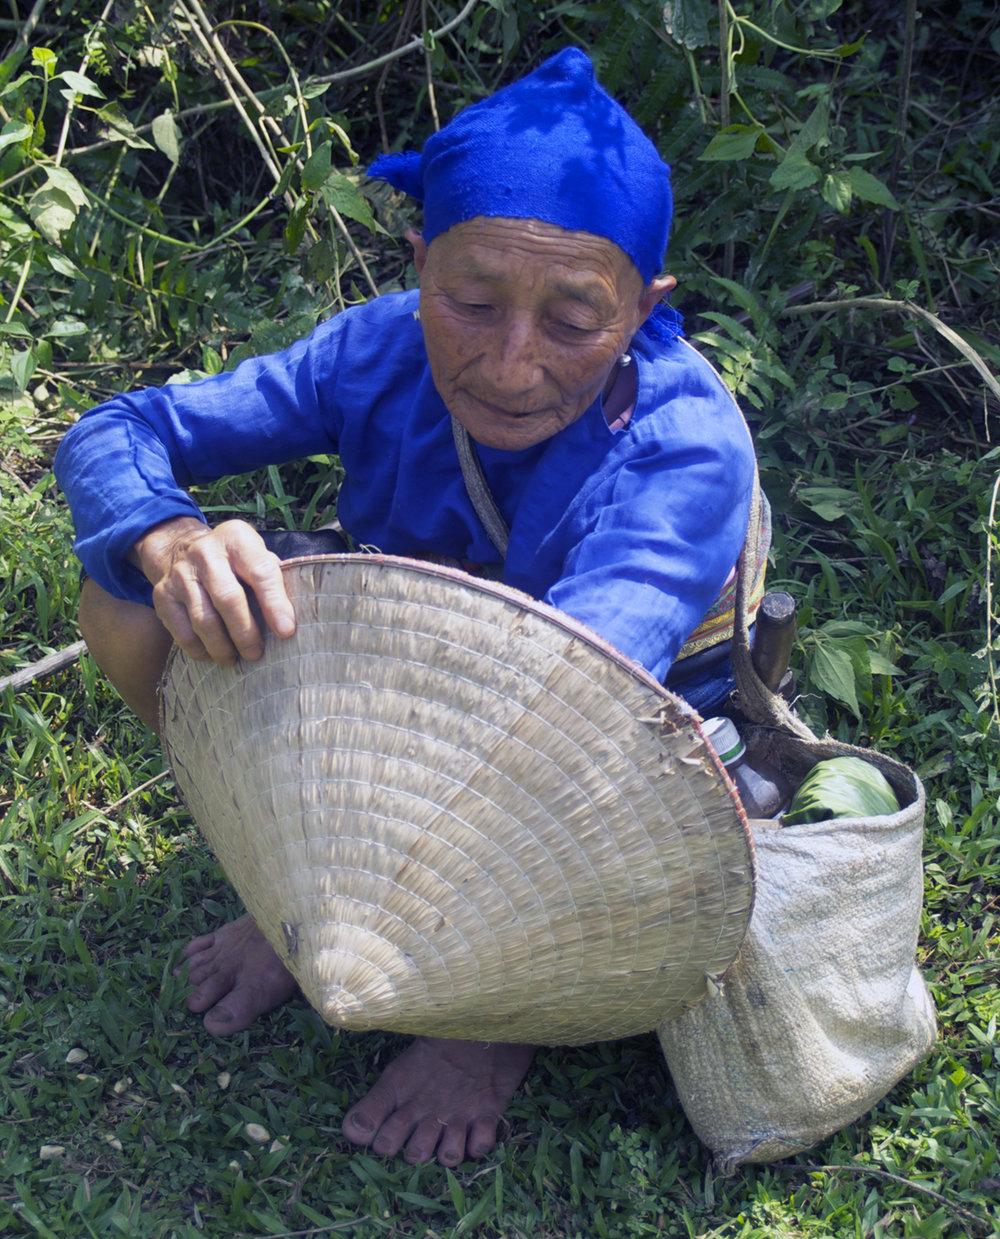 Pu Loung nord i Vietnam byr på fysisk arbeid, sunn mat og null stress. Innbyggerne holder seg også sjeldent godt, og det er lett å gjette ti år feil på alderen til en jente. Med dette til grunn anslår vi at denne frøkenen fyller 119 til høsten.